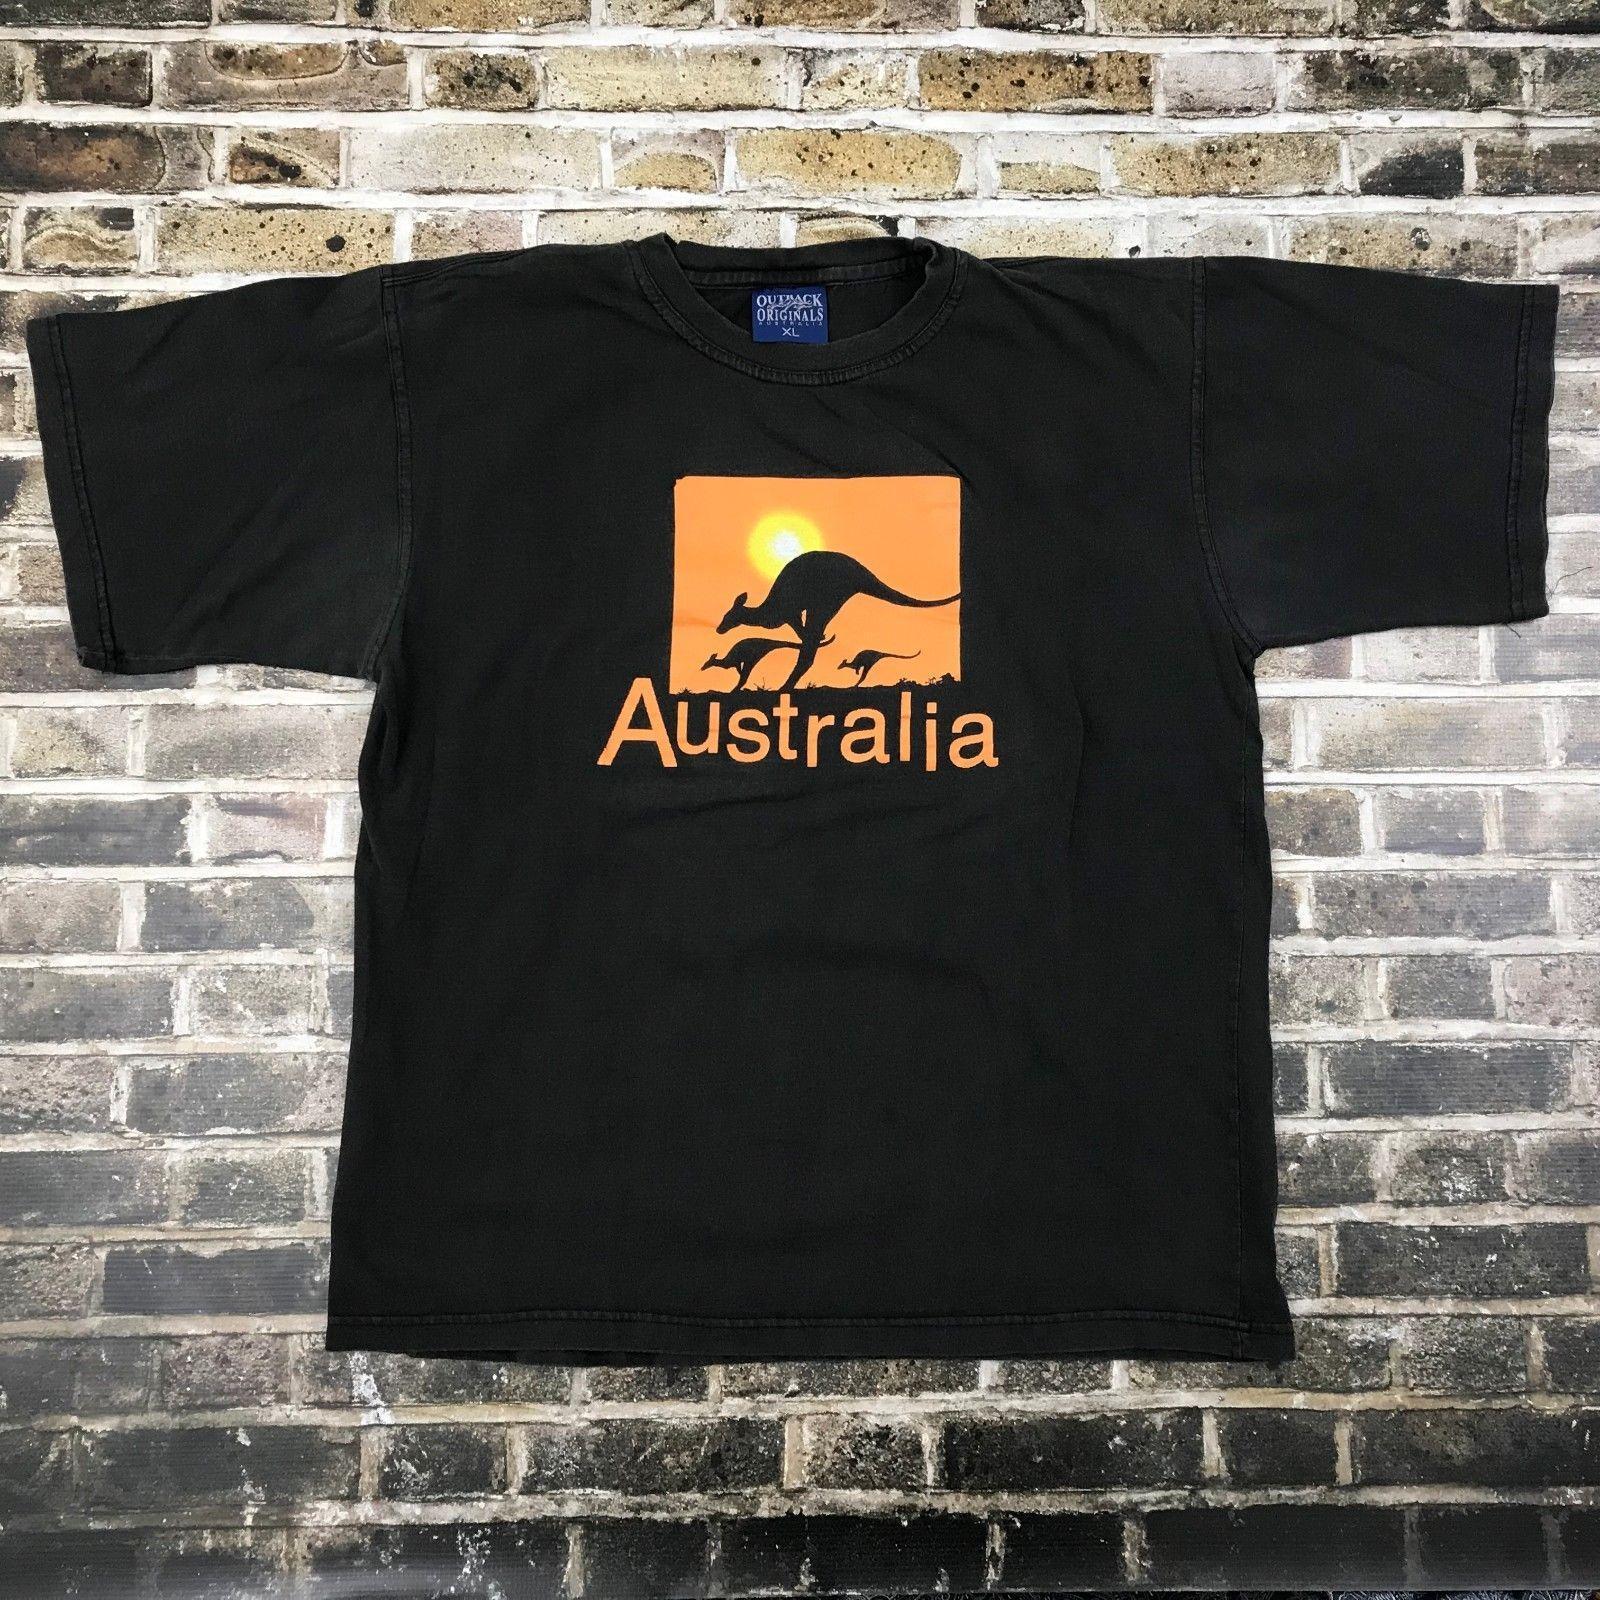 846041cc707c Австралия сувенир футболка XL Outback оригиналы кенгуру изложить черный  оранжевый